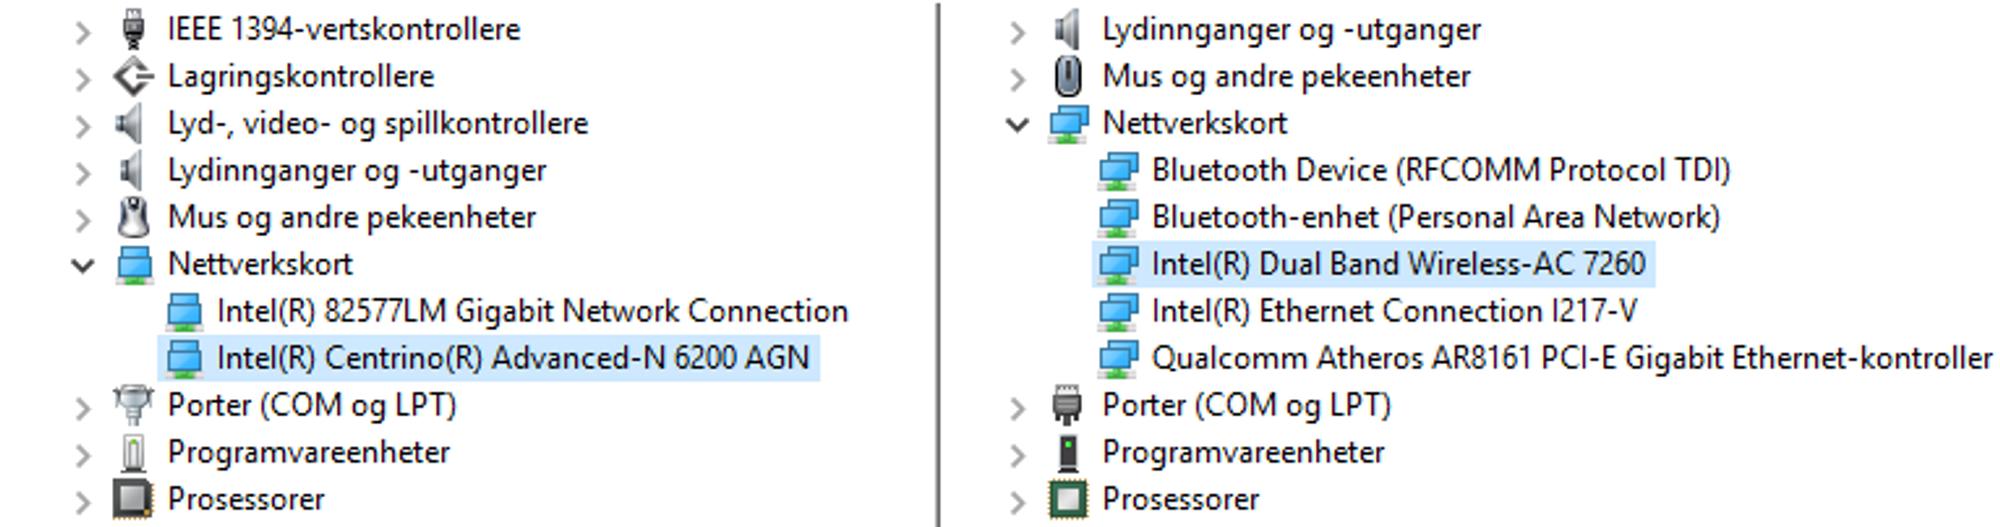 Under enhetsbehandling listes nettverkskortet opp. Til venstre ser vi Intel 6200 med N-støtte, i listen til høyre finner vi 7260 med AC-støtte.